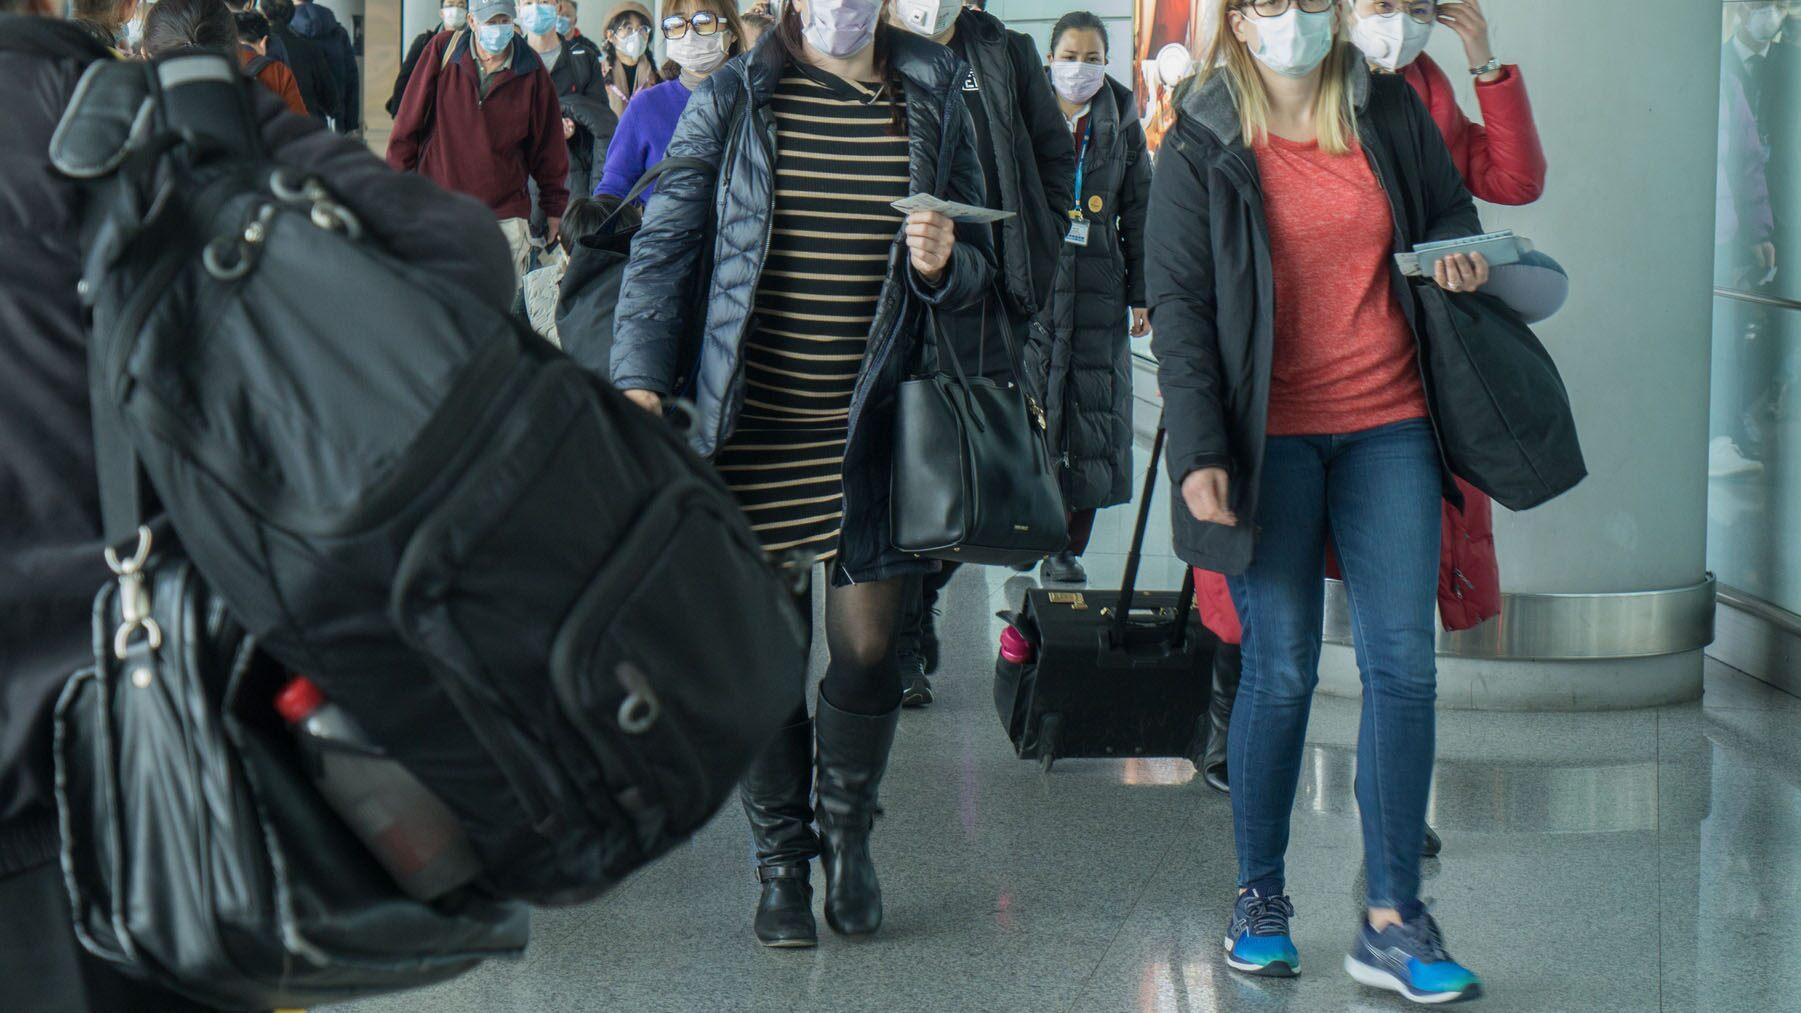 TSA releases tips for traveling during the coronavirus pandemic